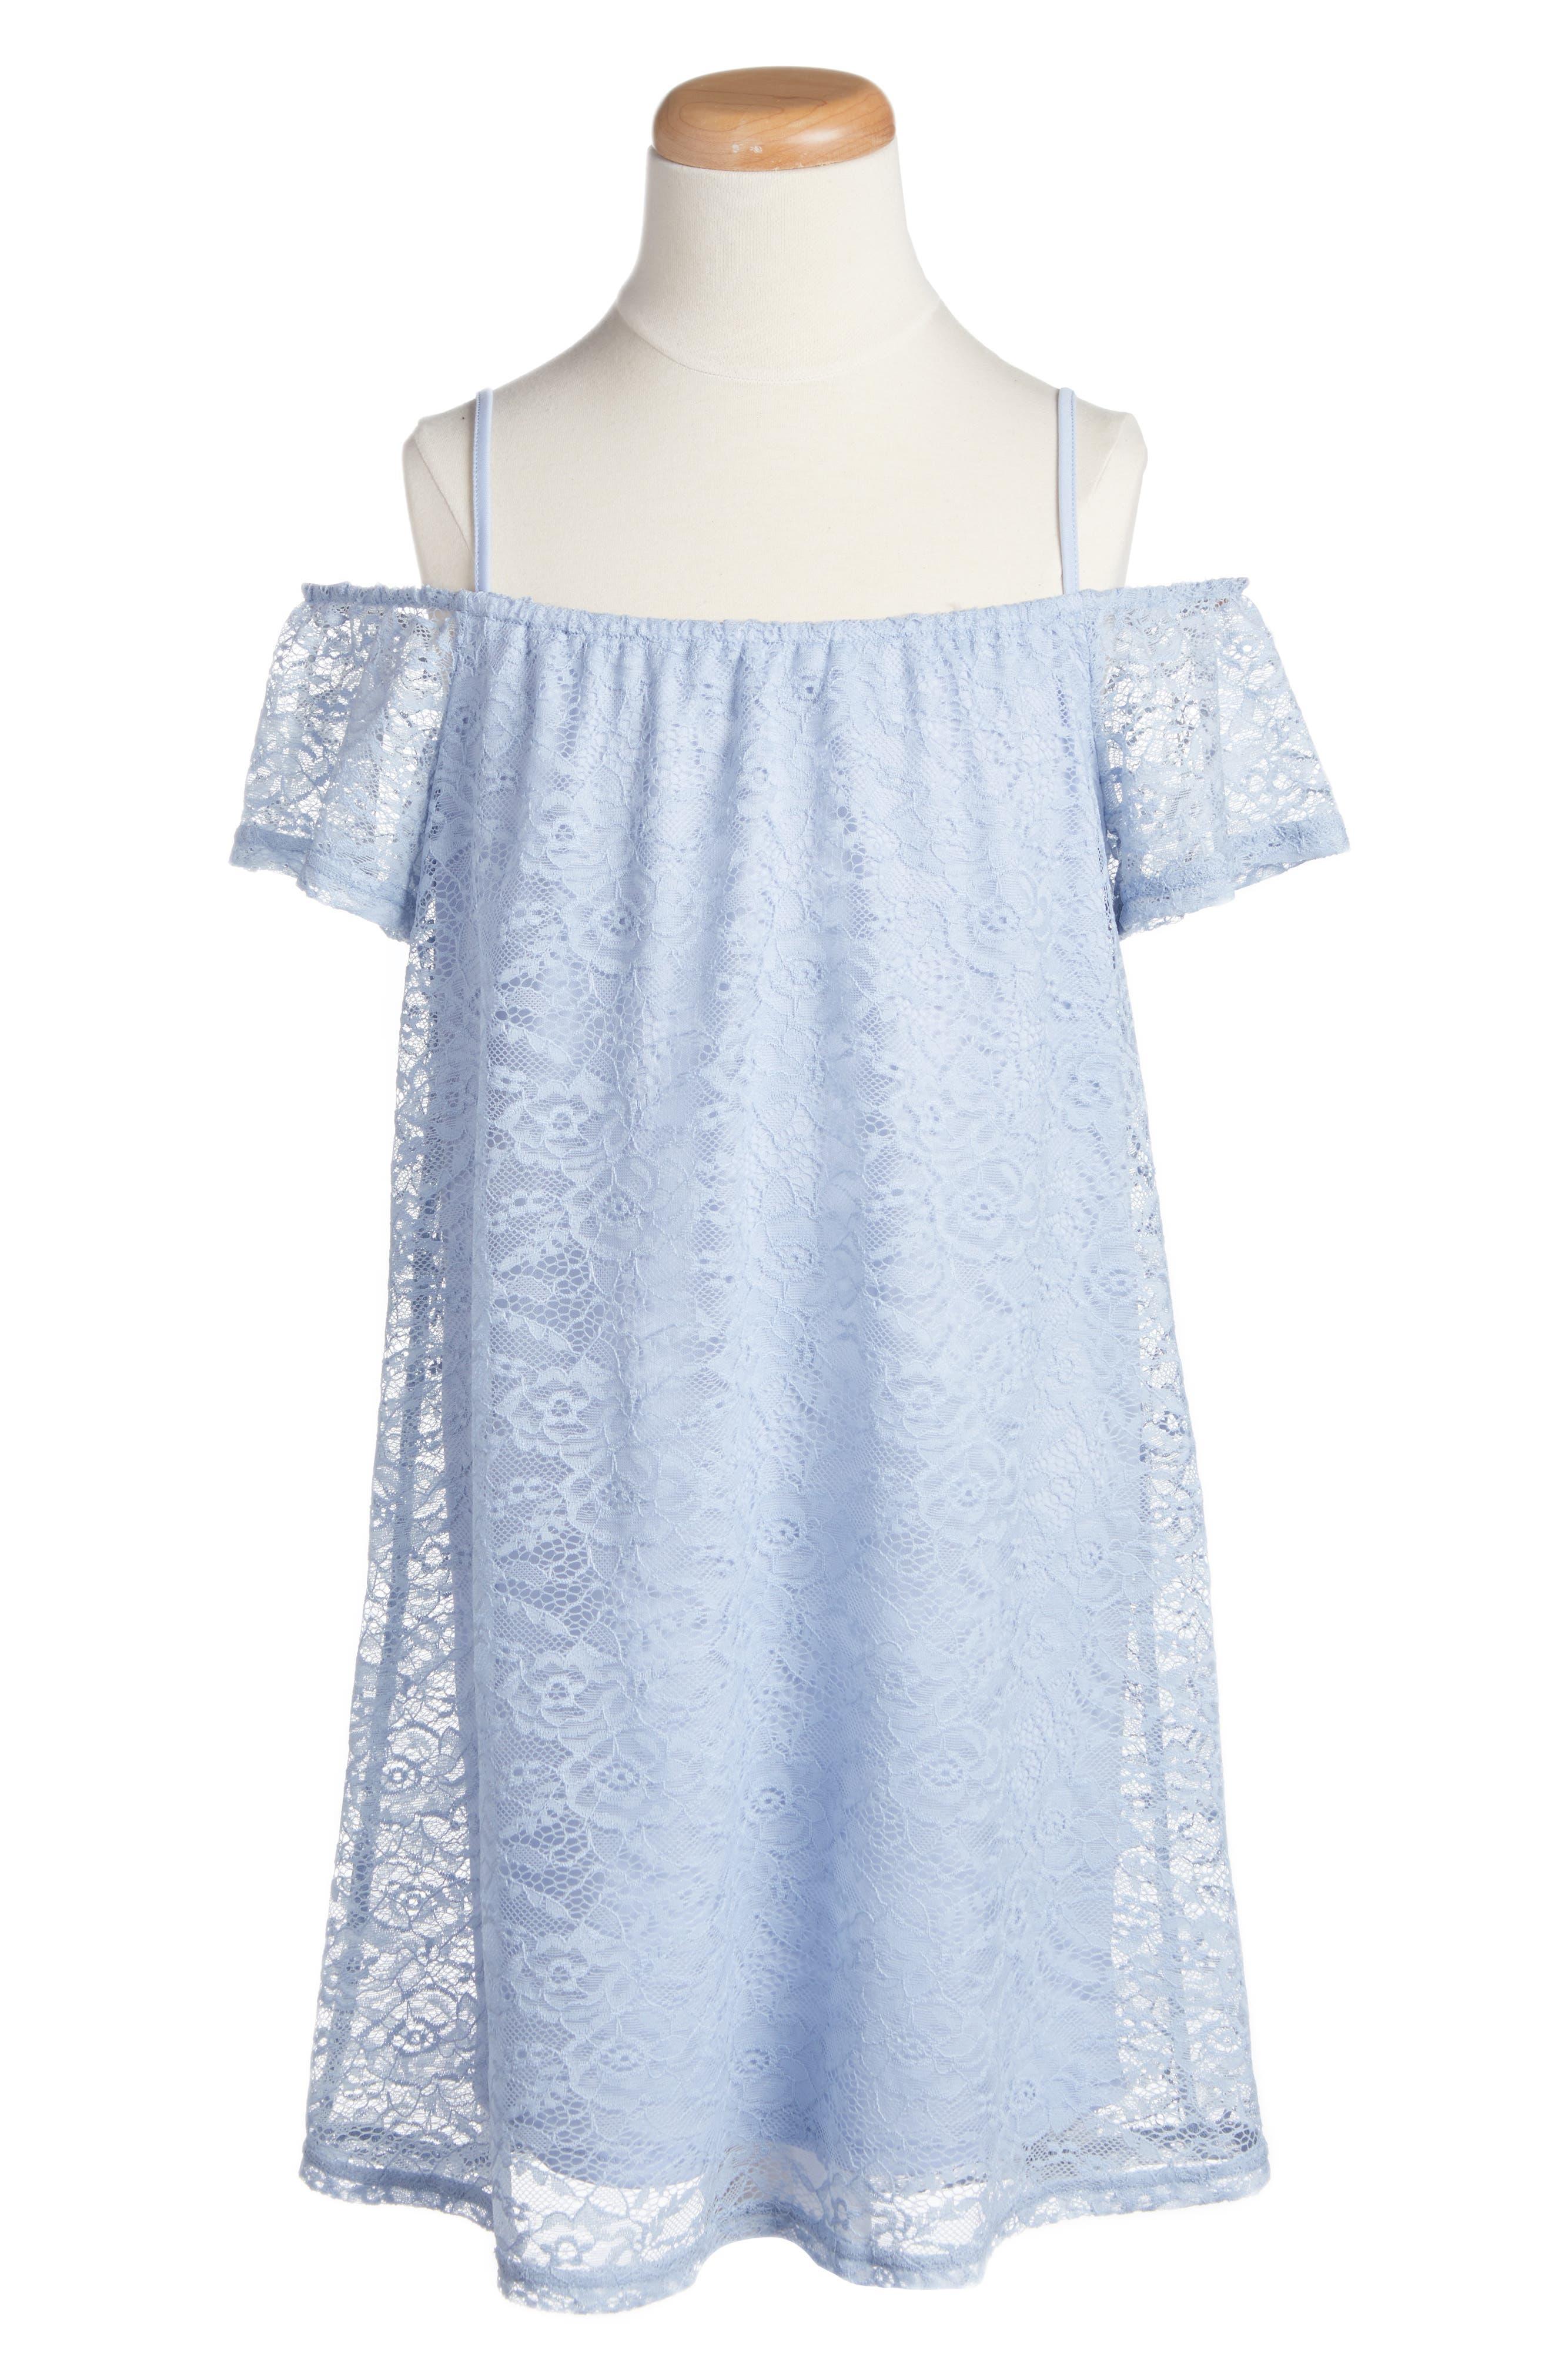 Lace Shift Dress,                             Main thumbnail 1, color,                             Zen Blue